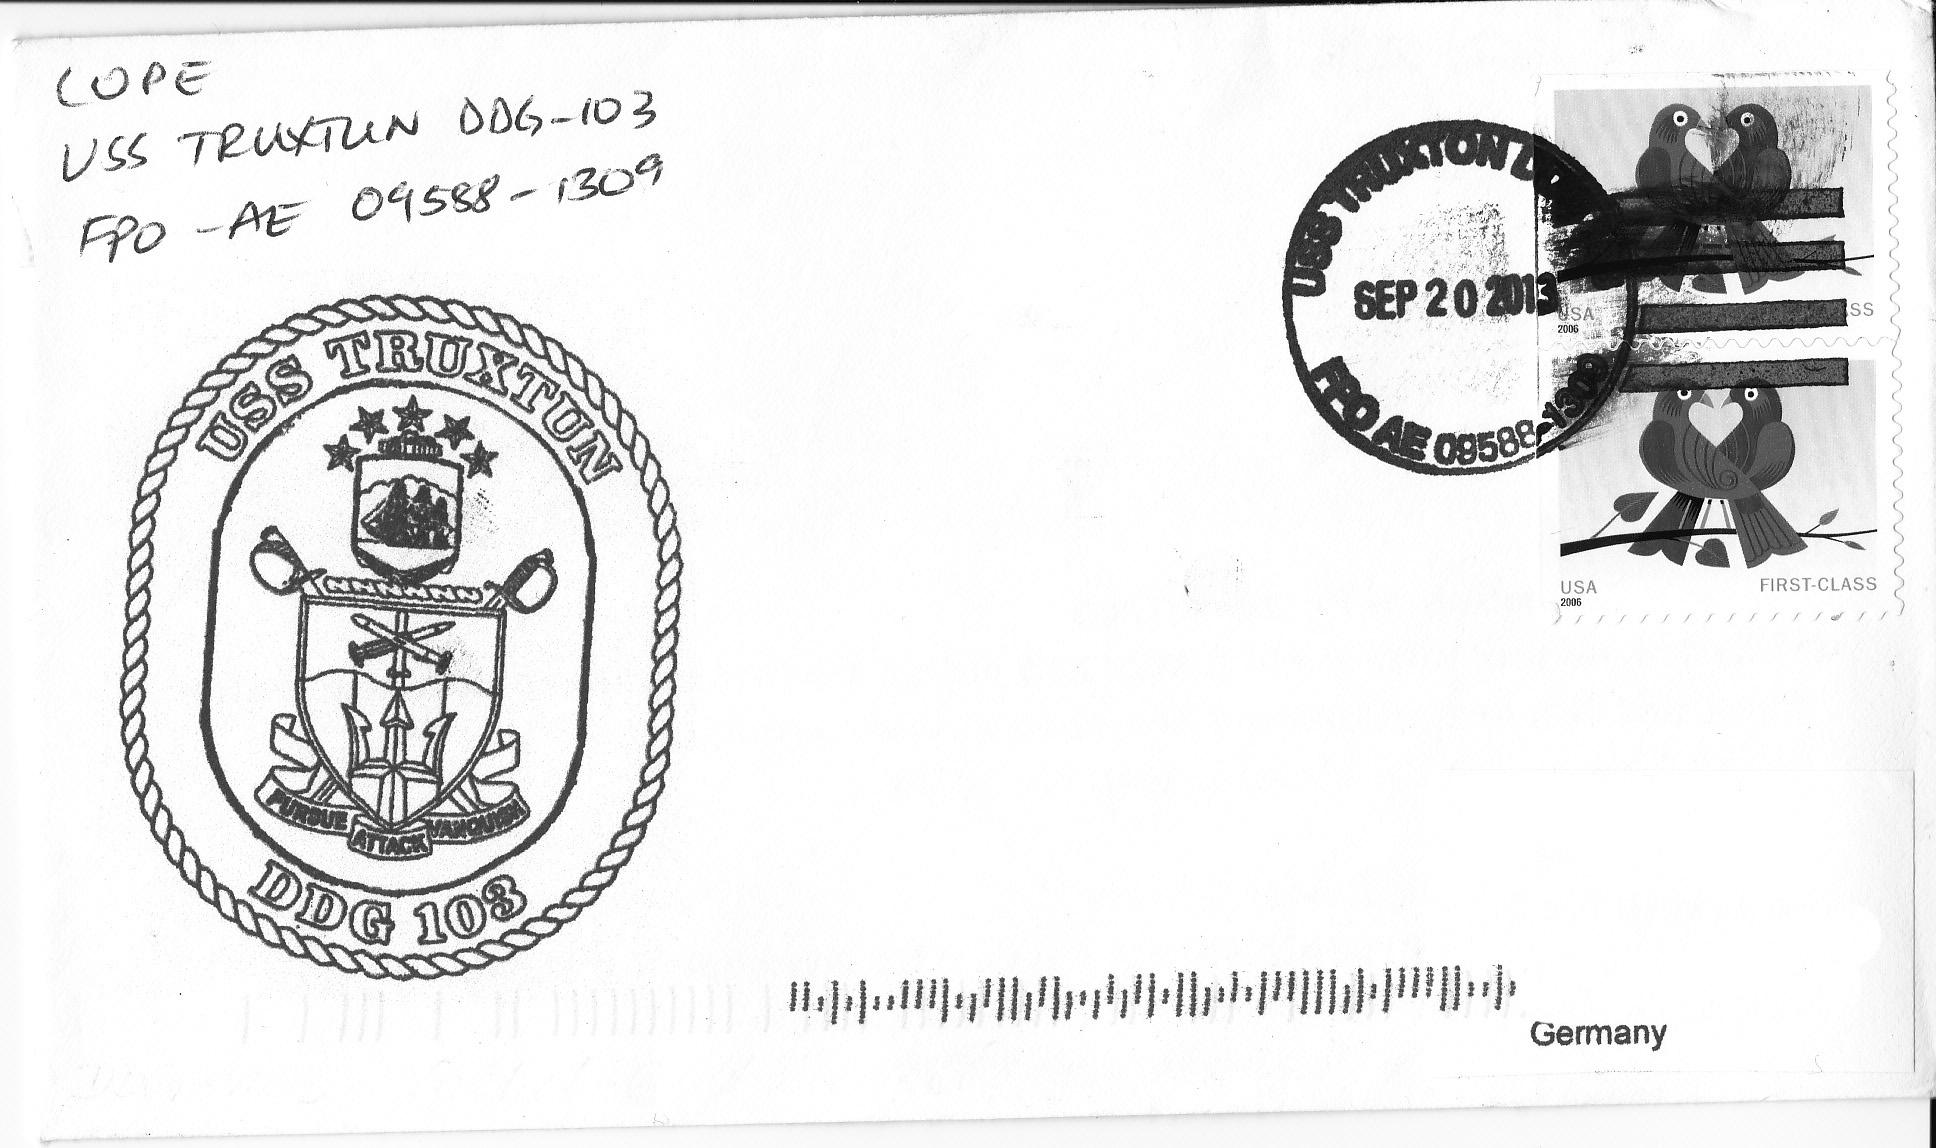 Beleg USS TRUXTUN DDG-103 vom 20.09.2013von Heinz Grasse